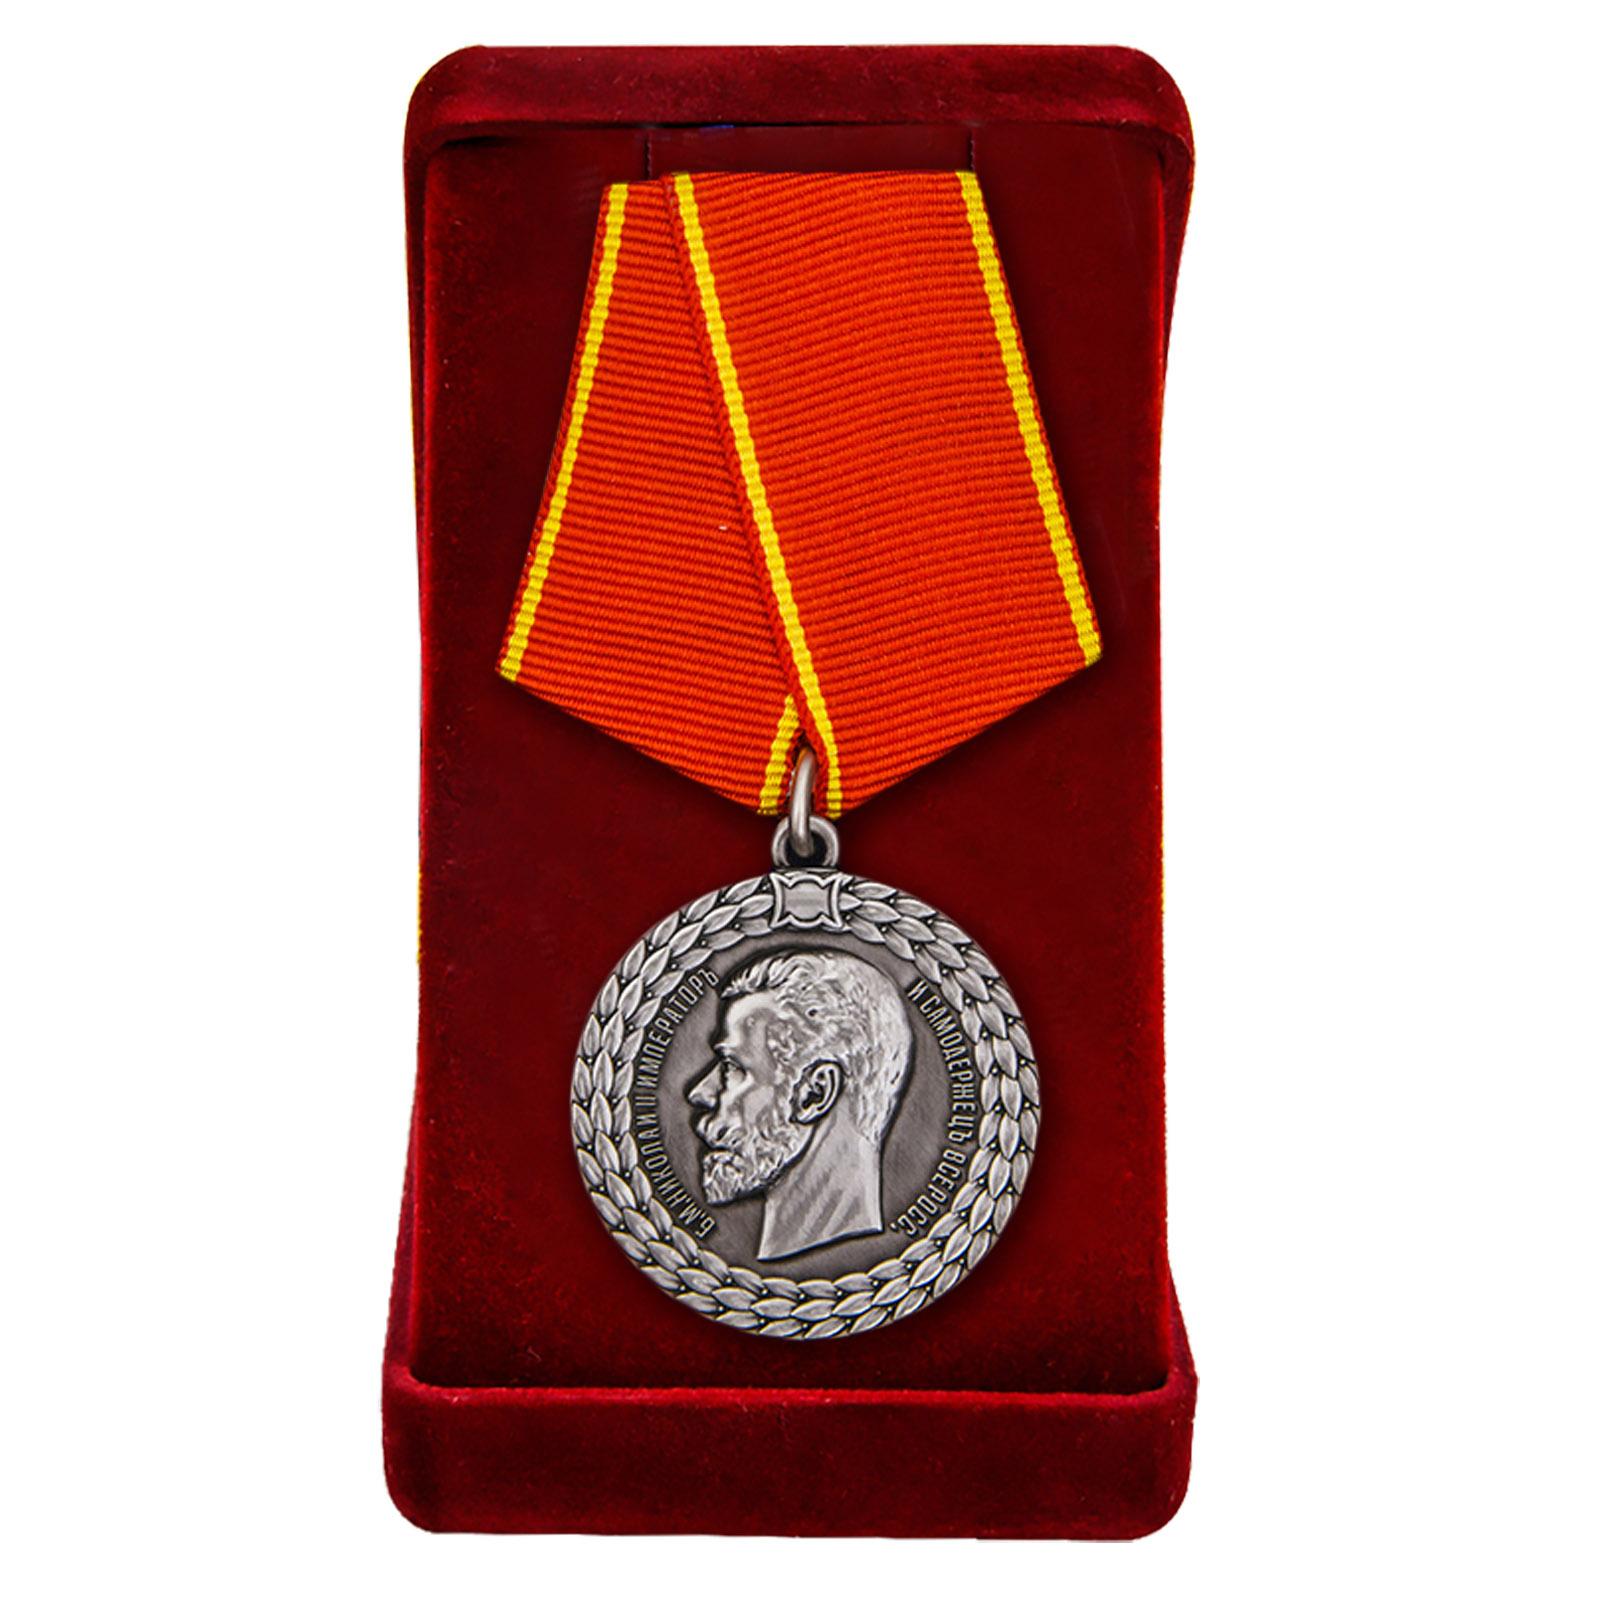 Купить медаль Николая II За беспорочную службу в полиции по лучшей цене